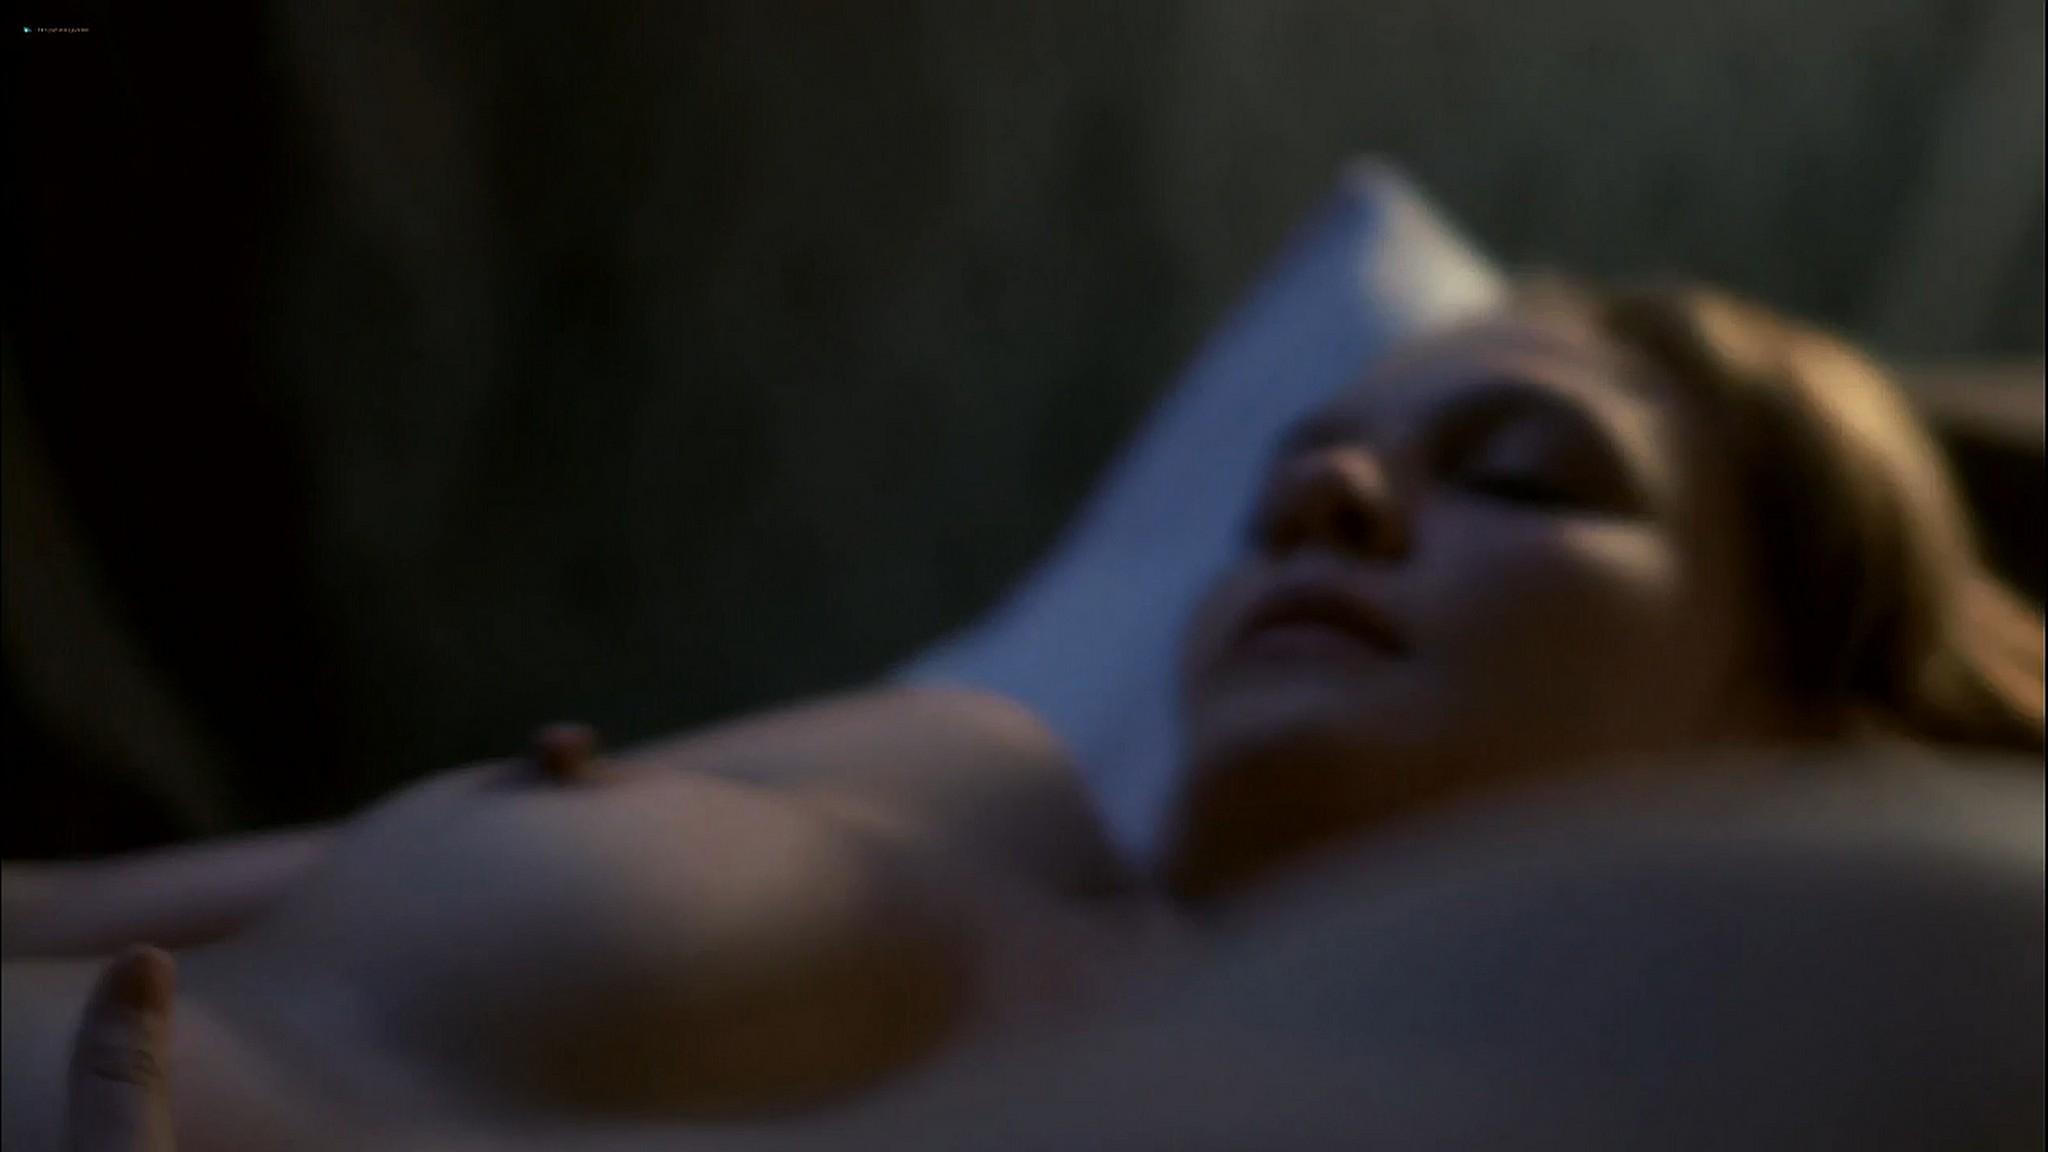 Kathleen Robertson sex threesome Maya Stange nude XX XY 2002 720p Web 9